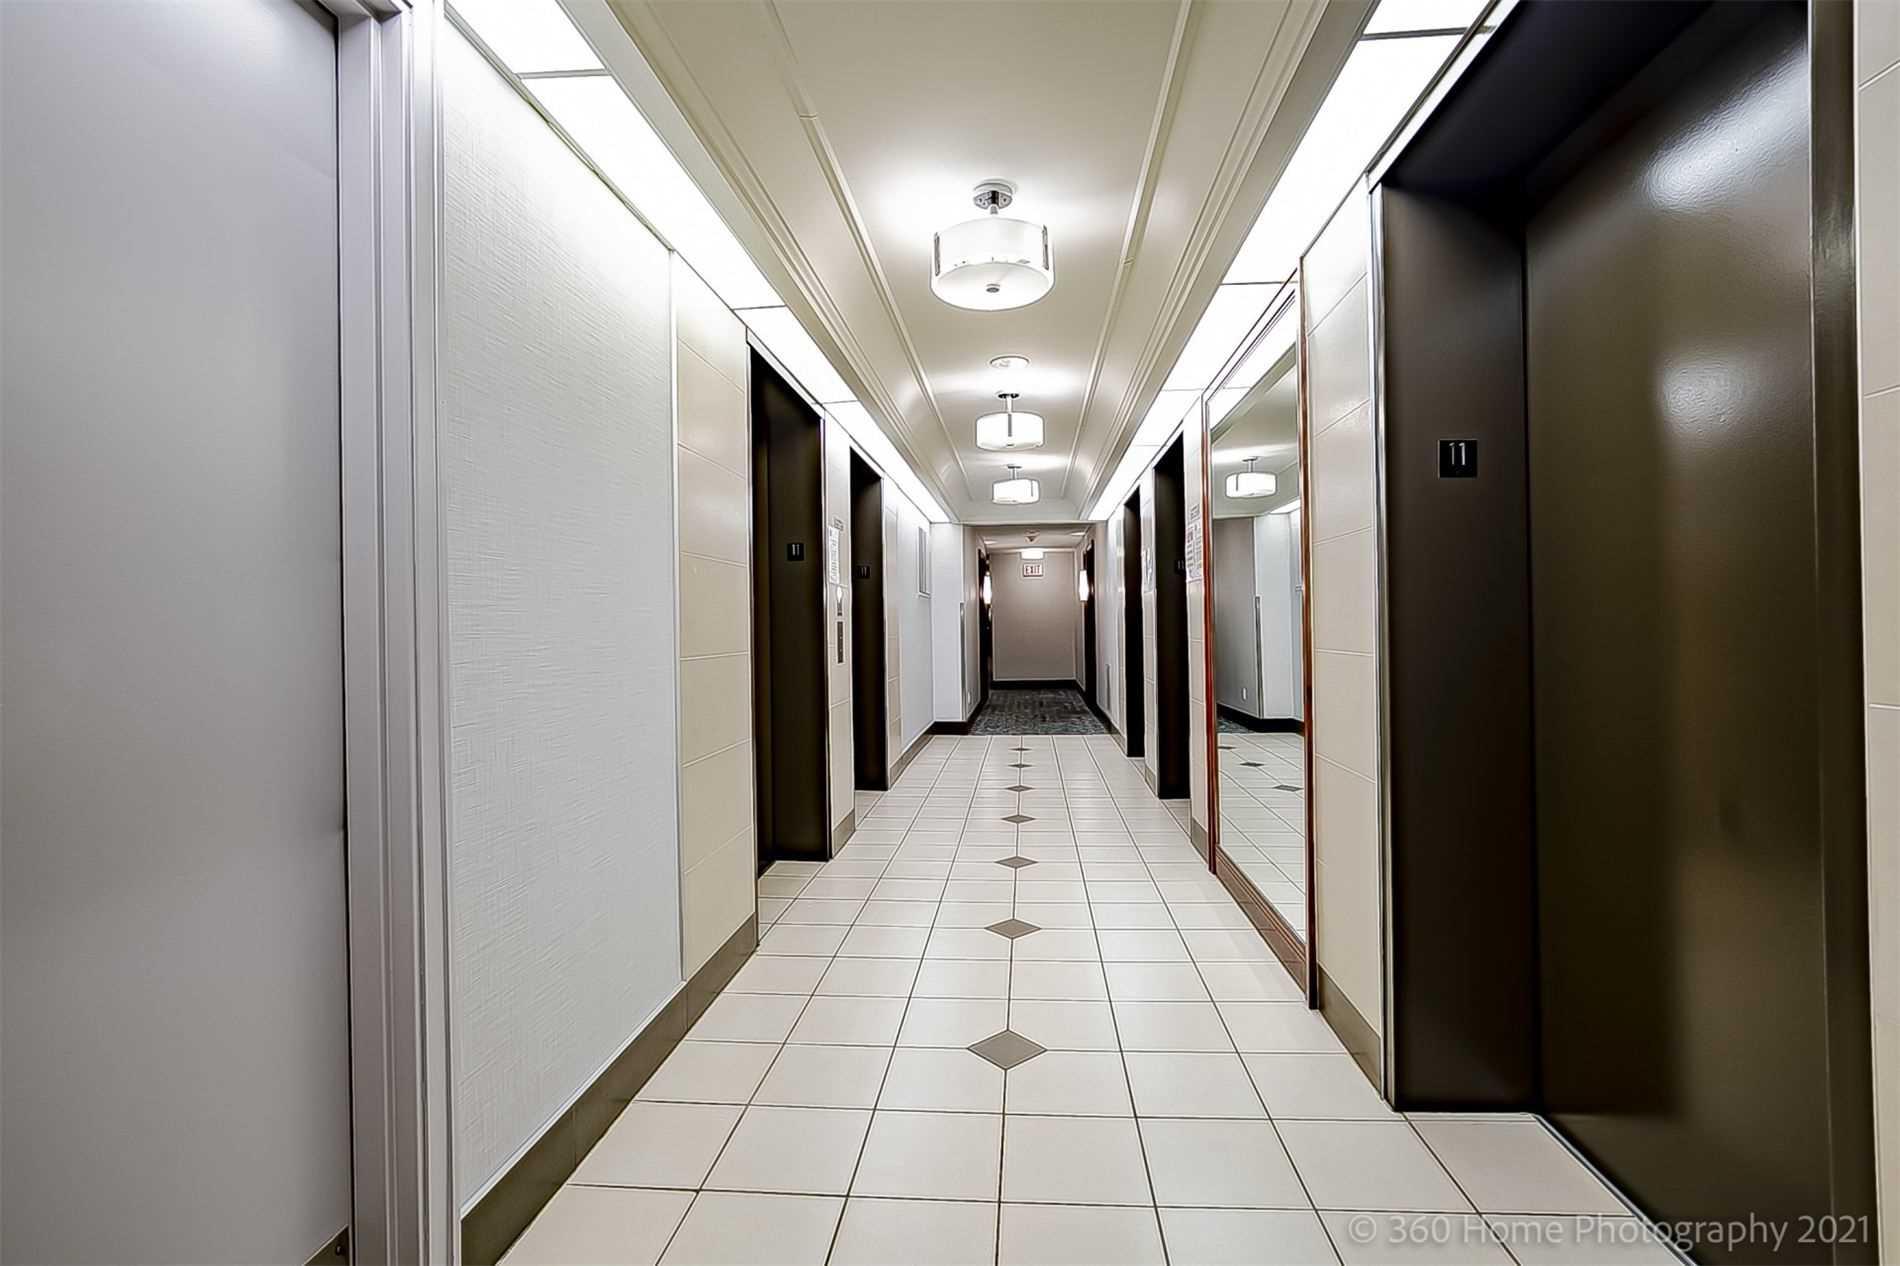 1139 - 68 Corporate Dr - Woburn Condo Apt for sale, 2 Bedrooms (E5324972) - #1